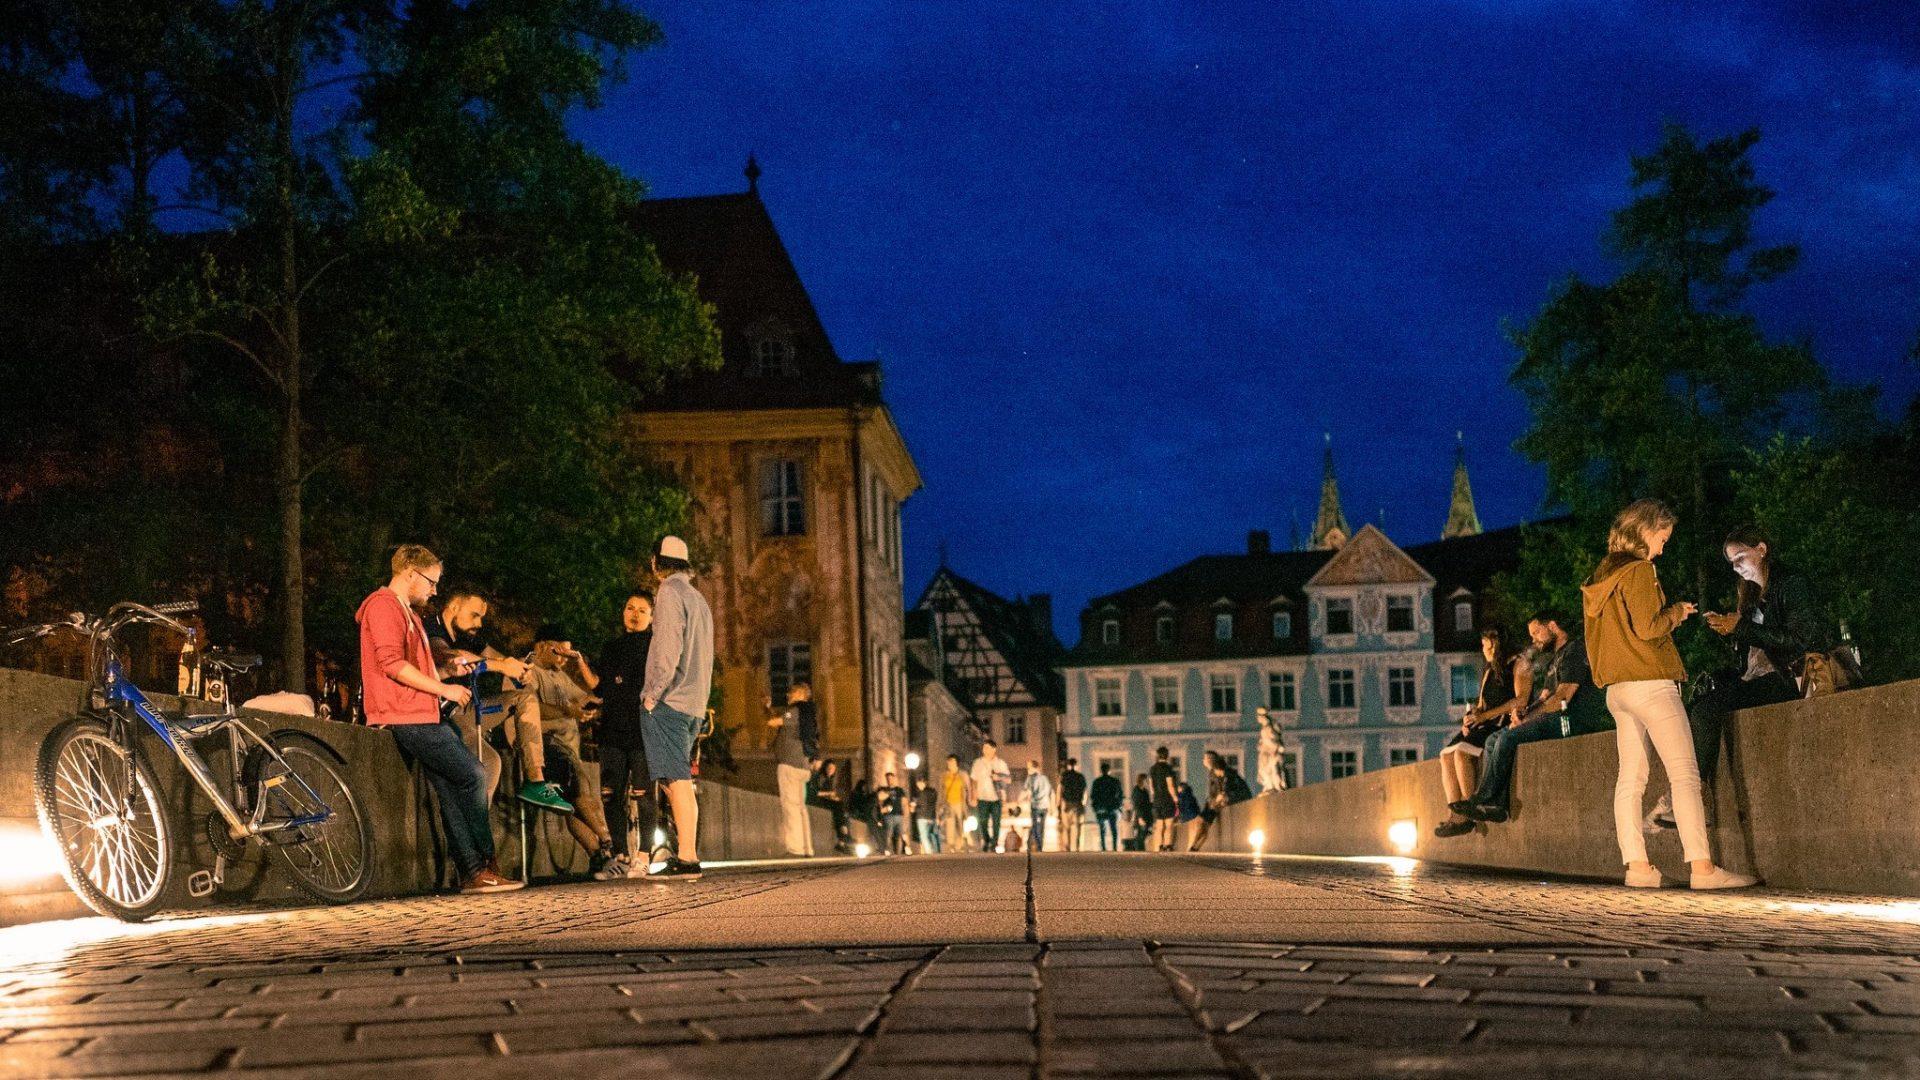 studenten hangen op een brug, 's avonds, in een oude studentenstad